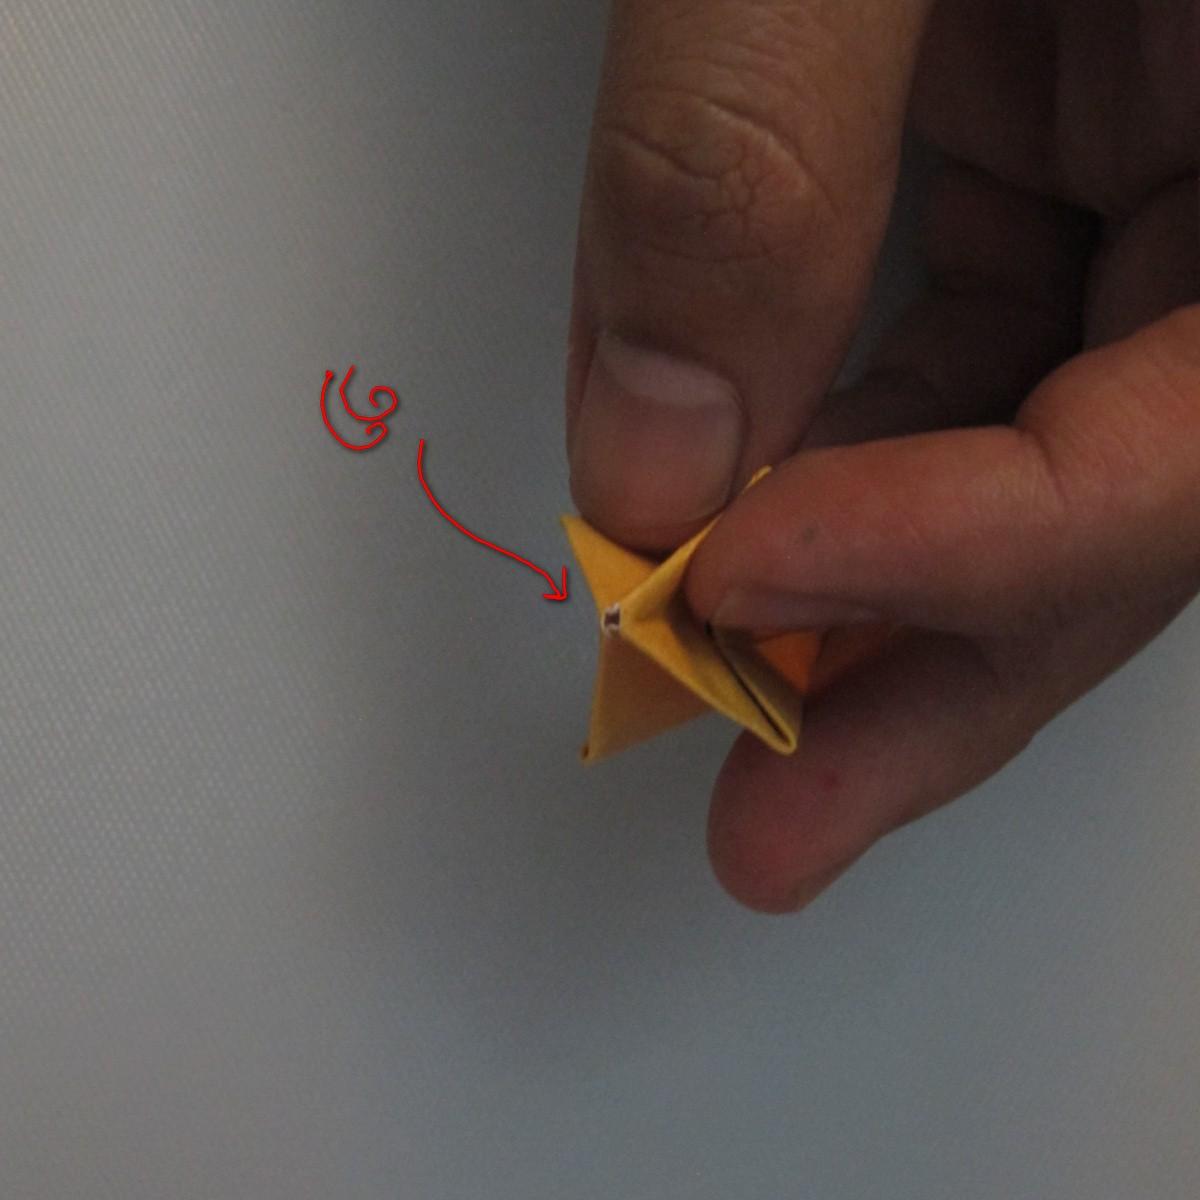 วิธีพับกระดาษเป็นดอกทิวลิป 016